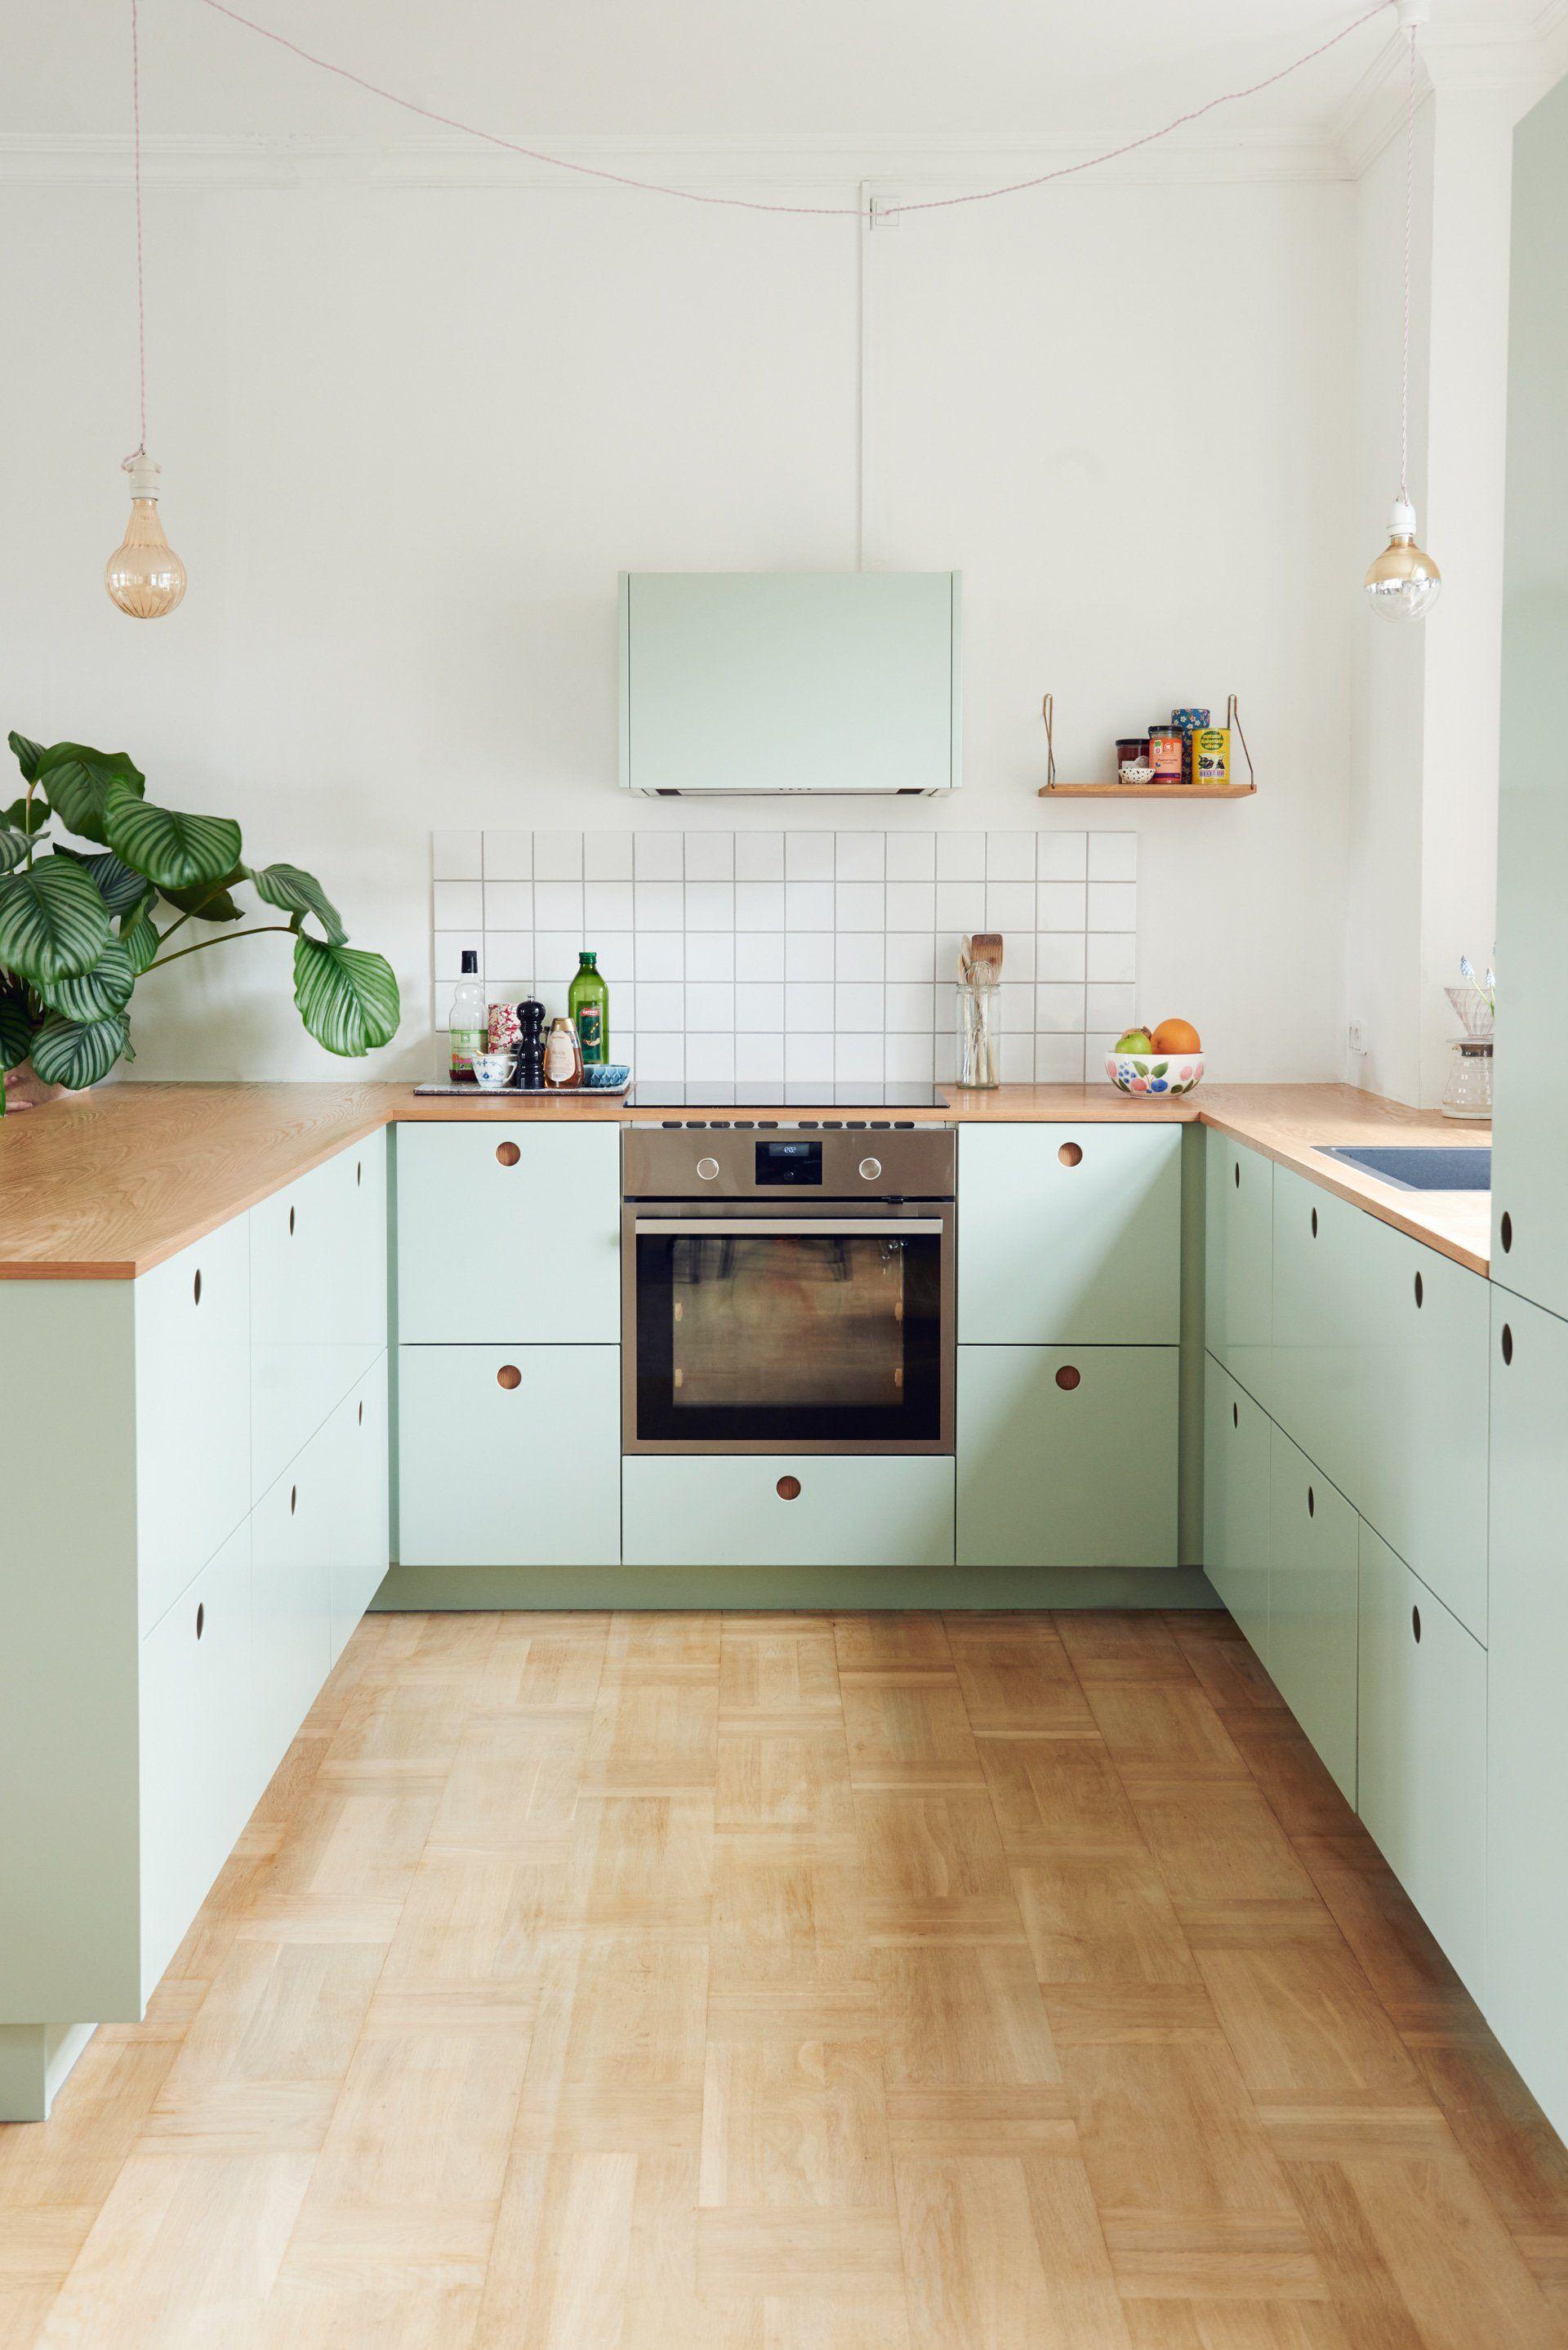 Inspiration Frederiksberg Denmark Kuchen Design Kuchen Fronten Ikea Hack Kuche